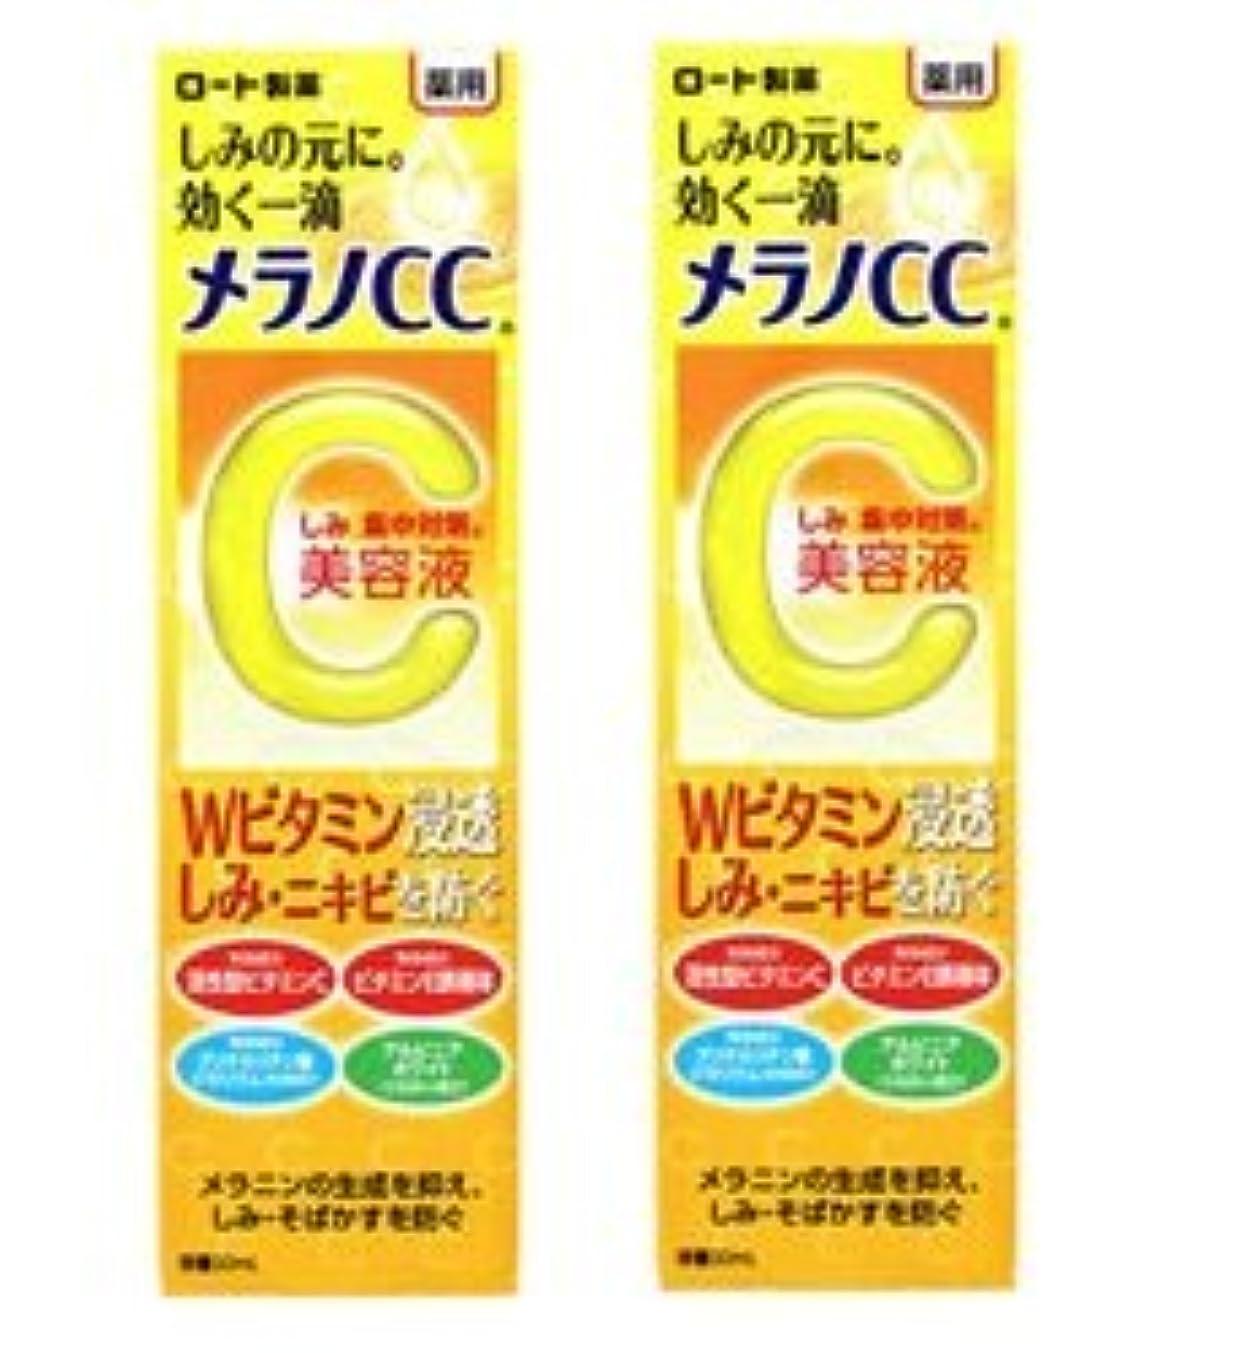 カンガルーしかしながら間隔【2個セット】メラノCC 薬用しみ集中対策美容液 20ml